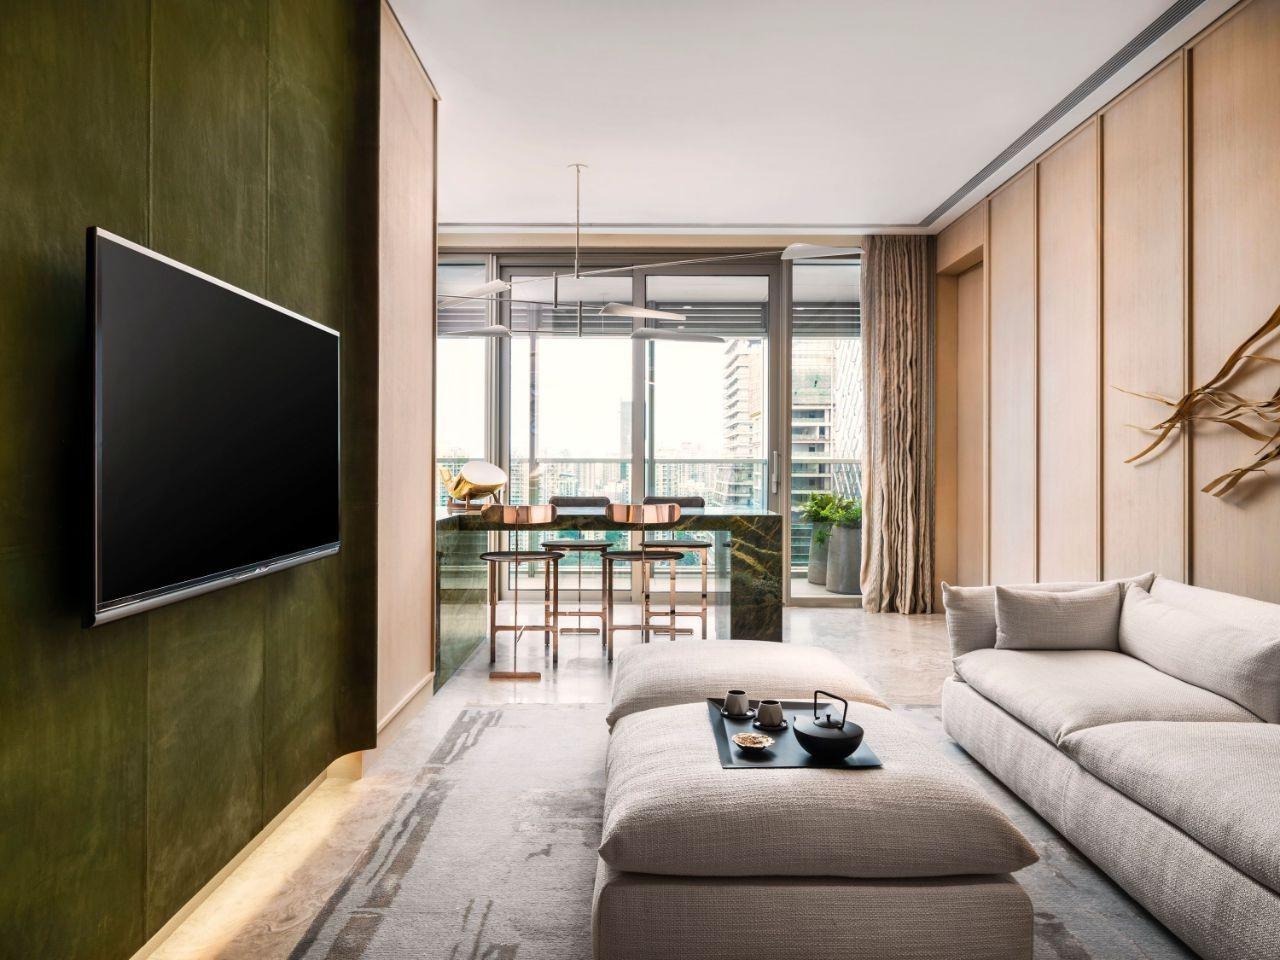 thiết kế nội thất phòng khách phong cách Nhật Bản